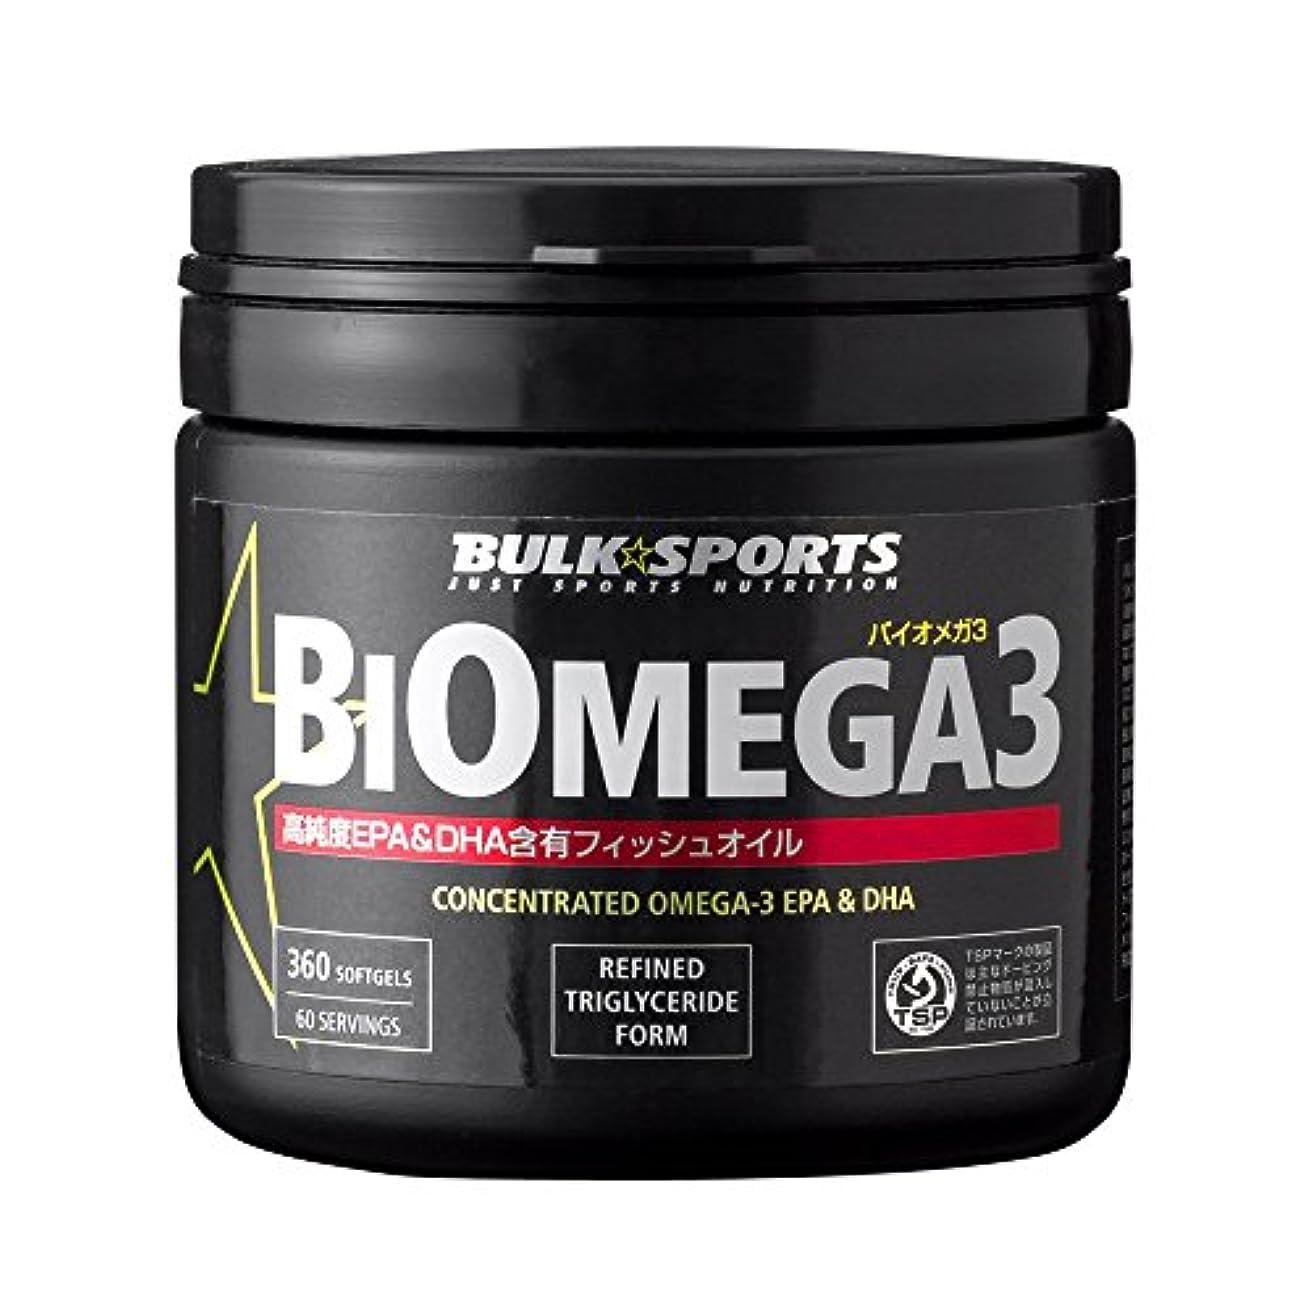 集中的なノイズ興味バルクスポーツ バイオメガ3 EPA&DHA含有フィッシュオイル 360ソフトジェルカプセル